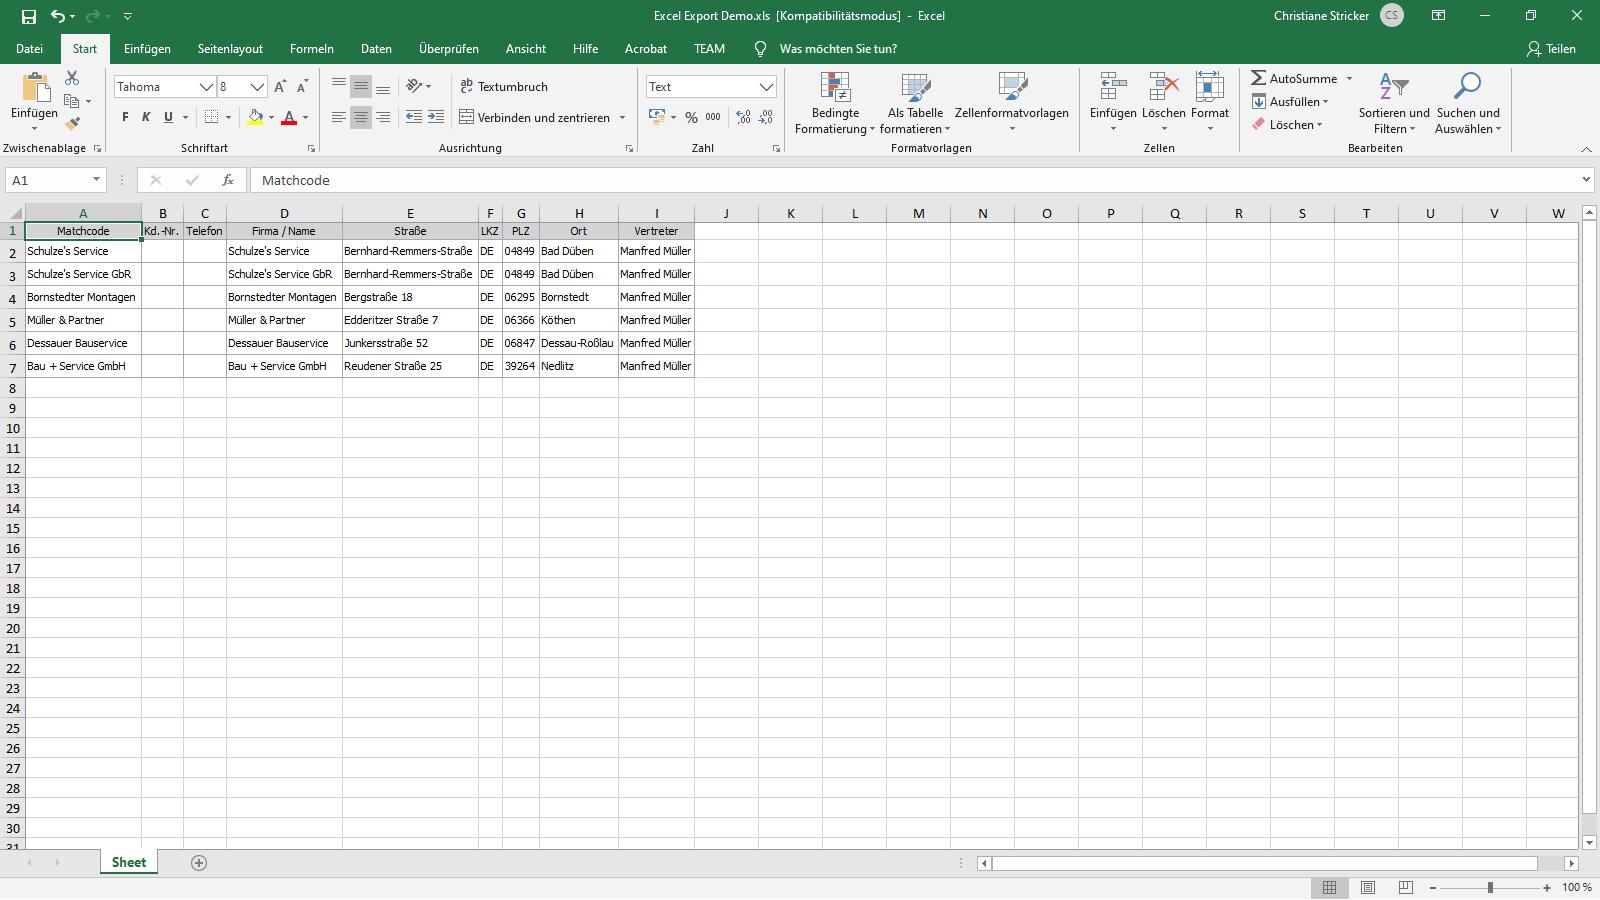 Ingenious Software Kontakte Listenansicht Excel Export